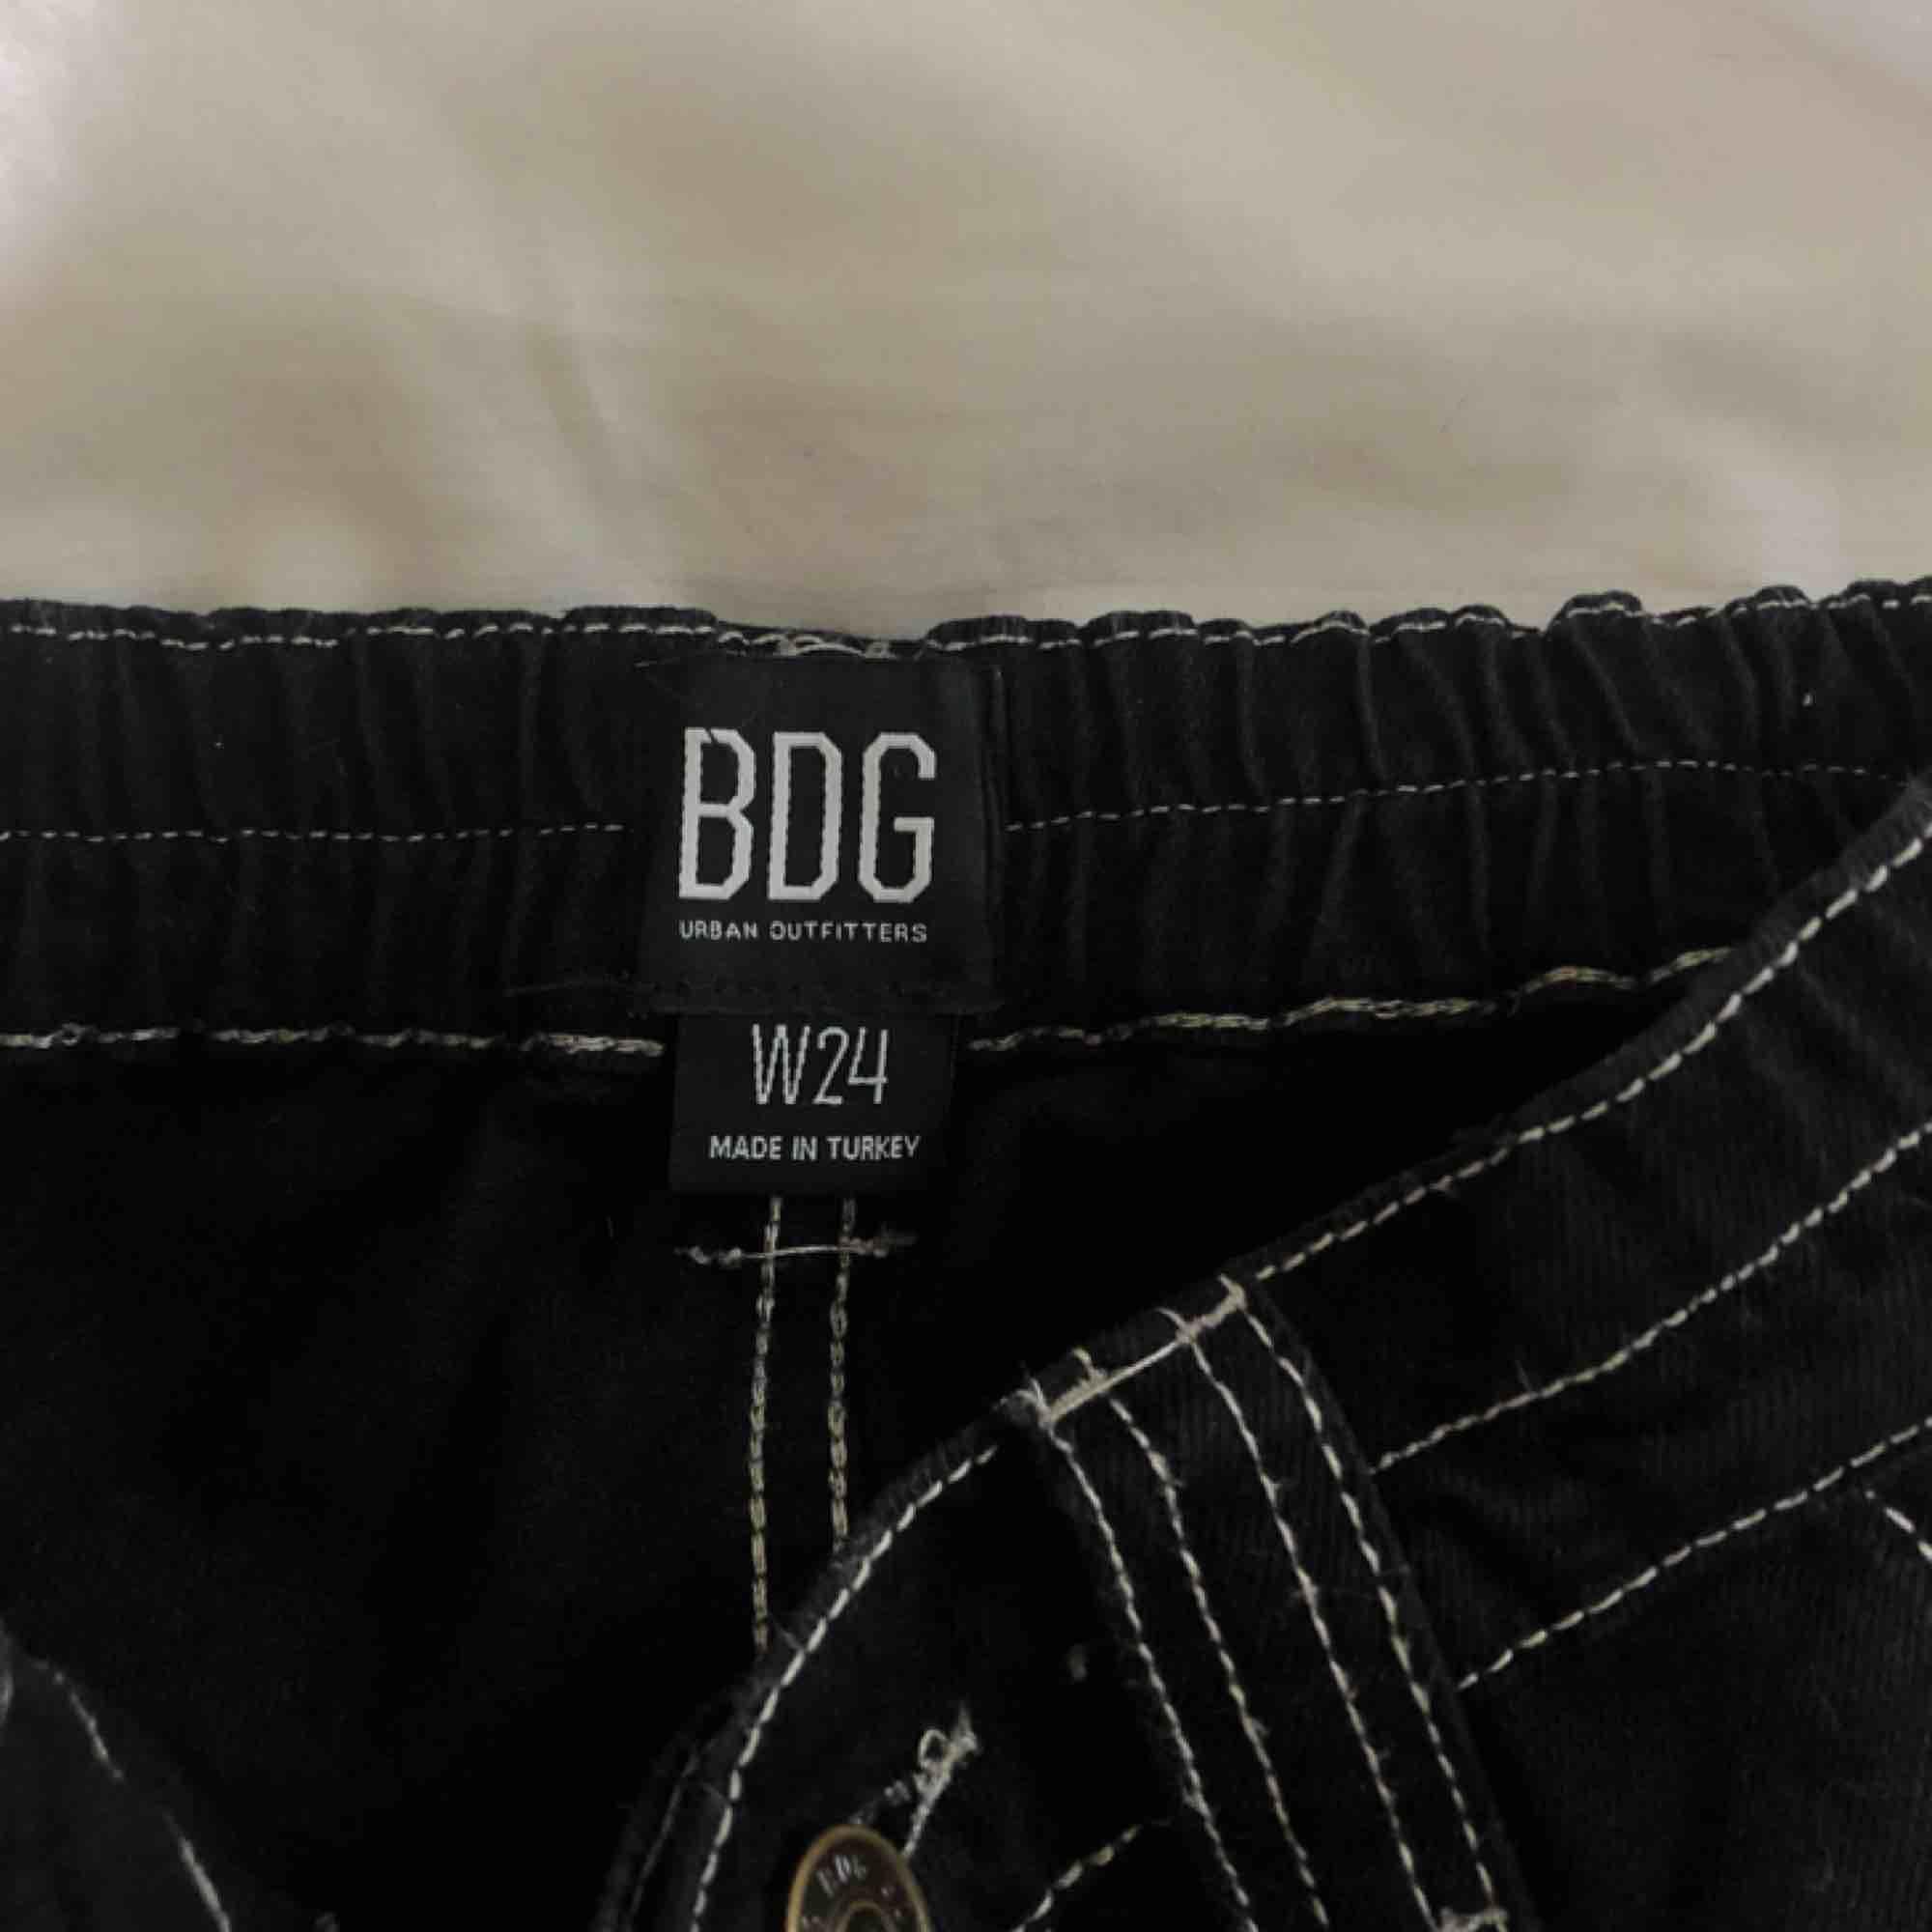 Cargo byxor från Urban Outfitters, aldrig använda. Strl W24 (XS). Hämtas i skanstull / mottagare betalar frakt. Jeans & Byxor.